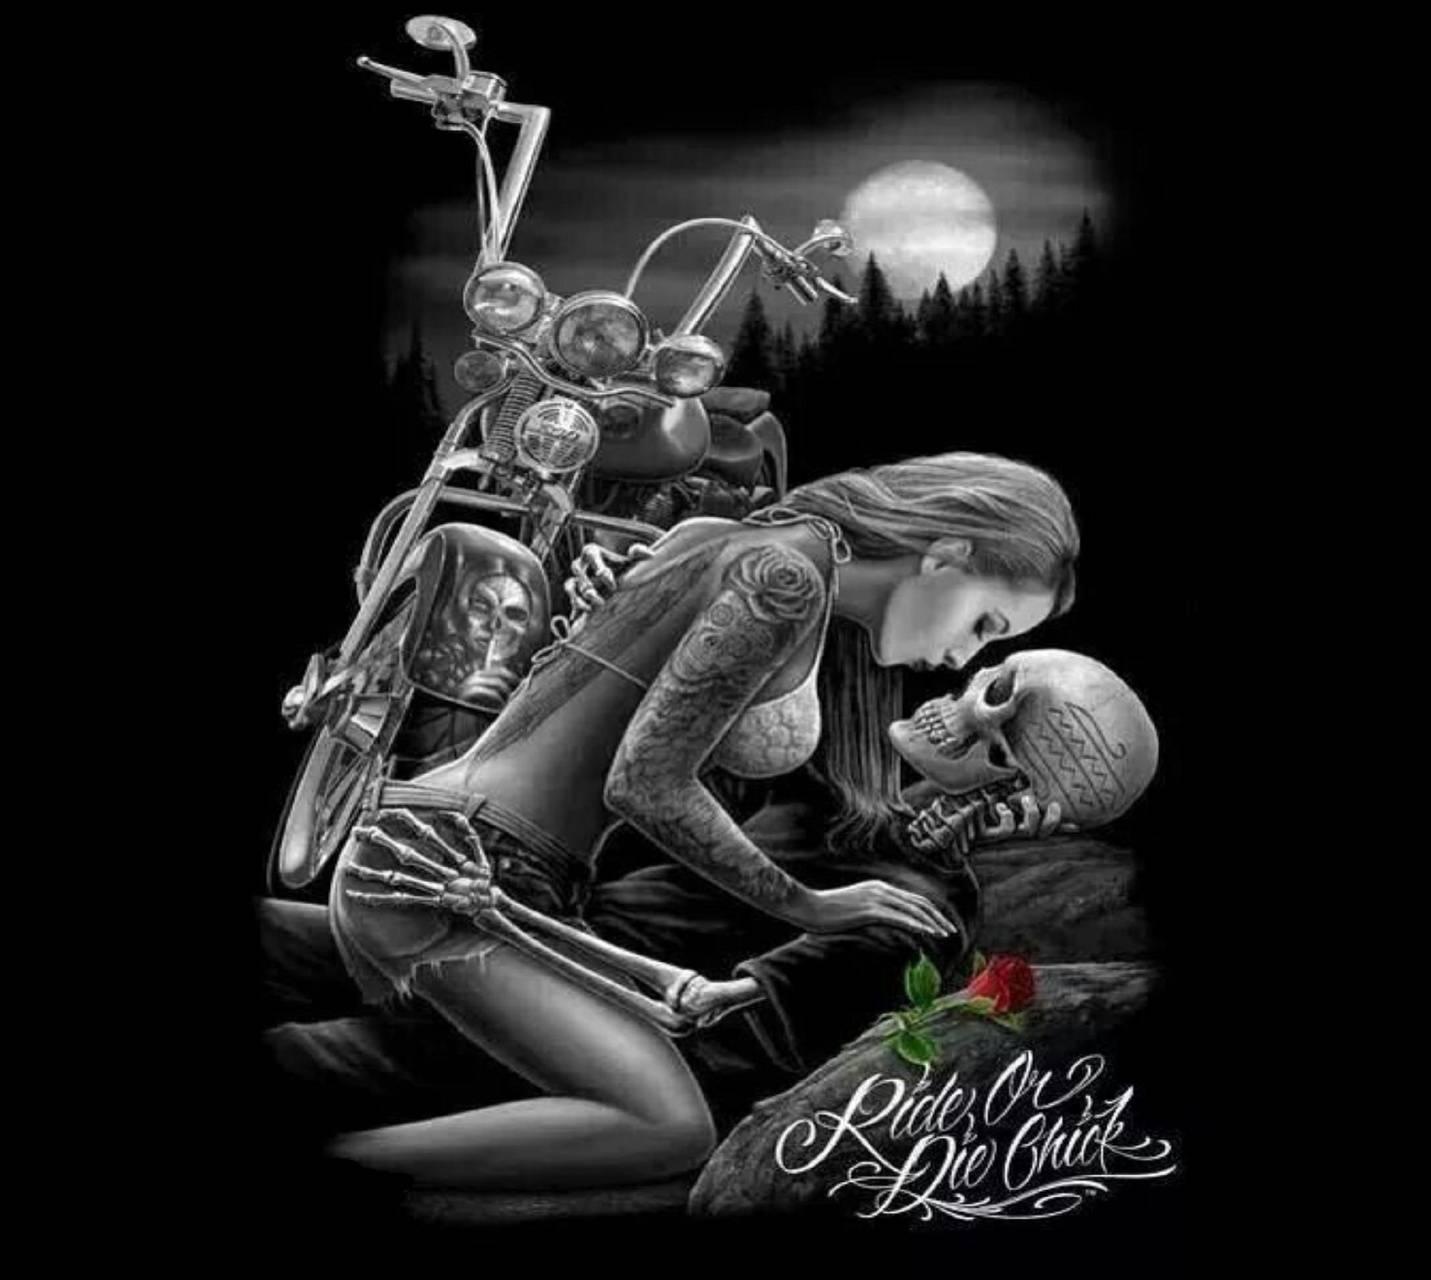 Ride or die wallpaper by __KoniG__ - d5 - Free on ZEDGE™